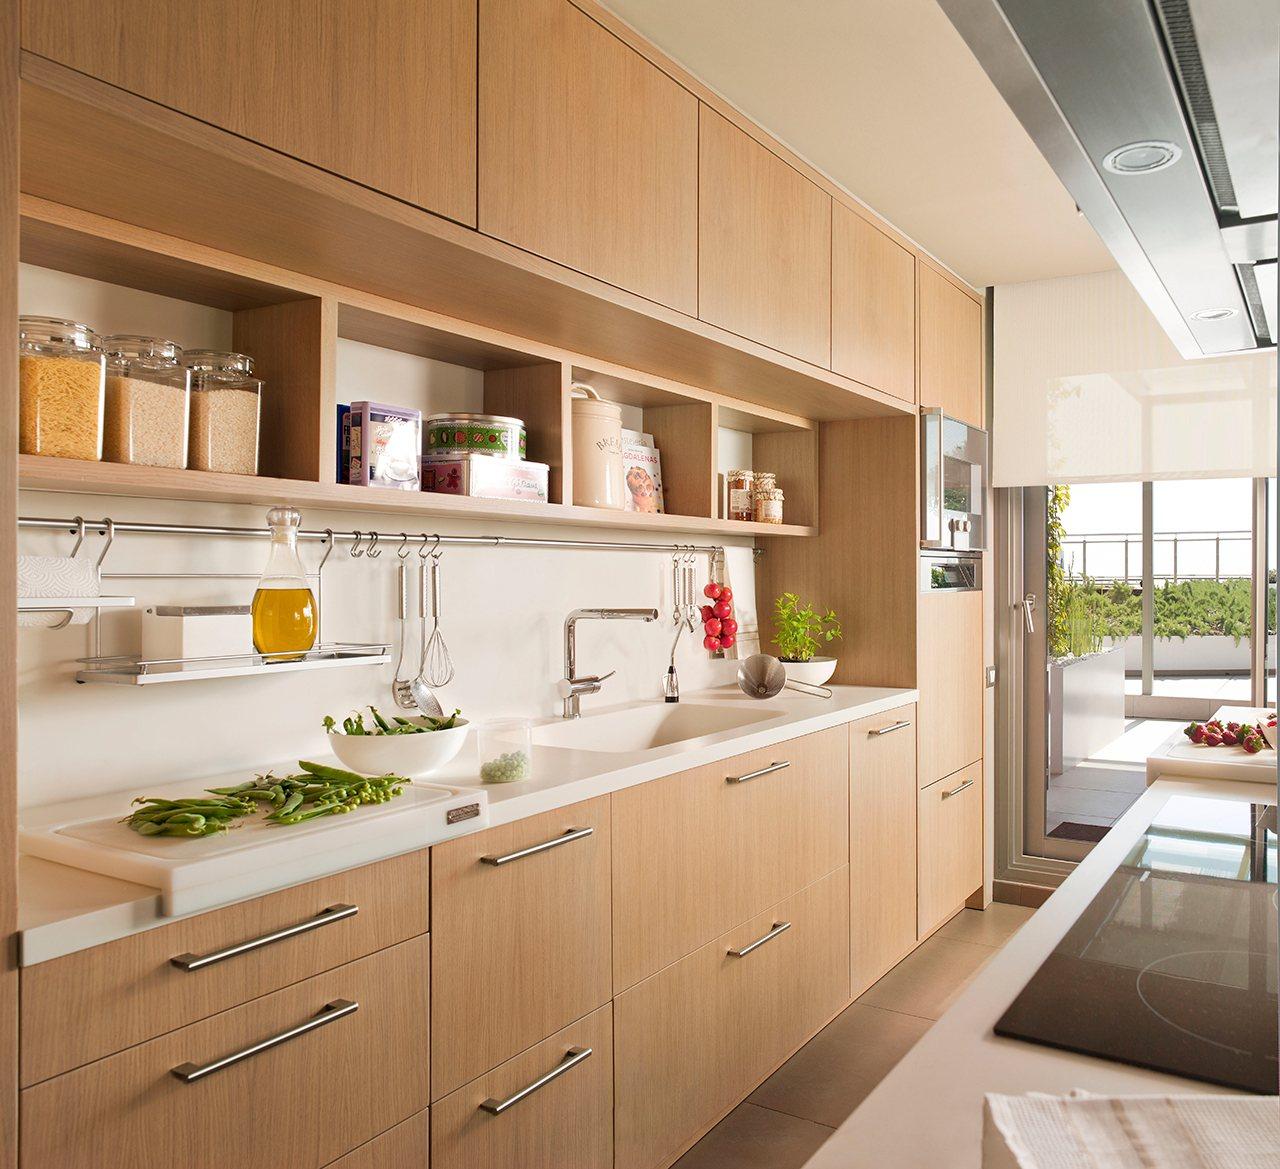 Ideas para aprovechar el espacio en las cocinas peque as for Ideas de cocinas